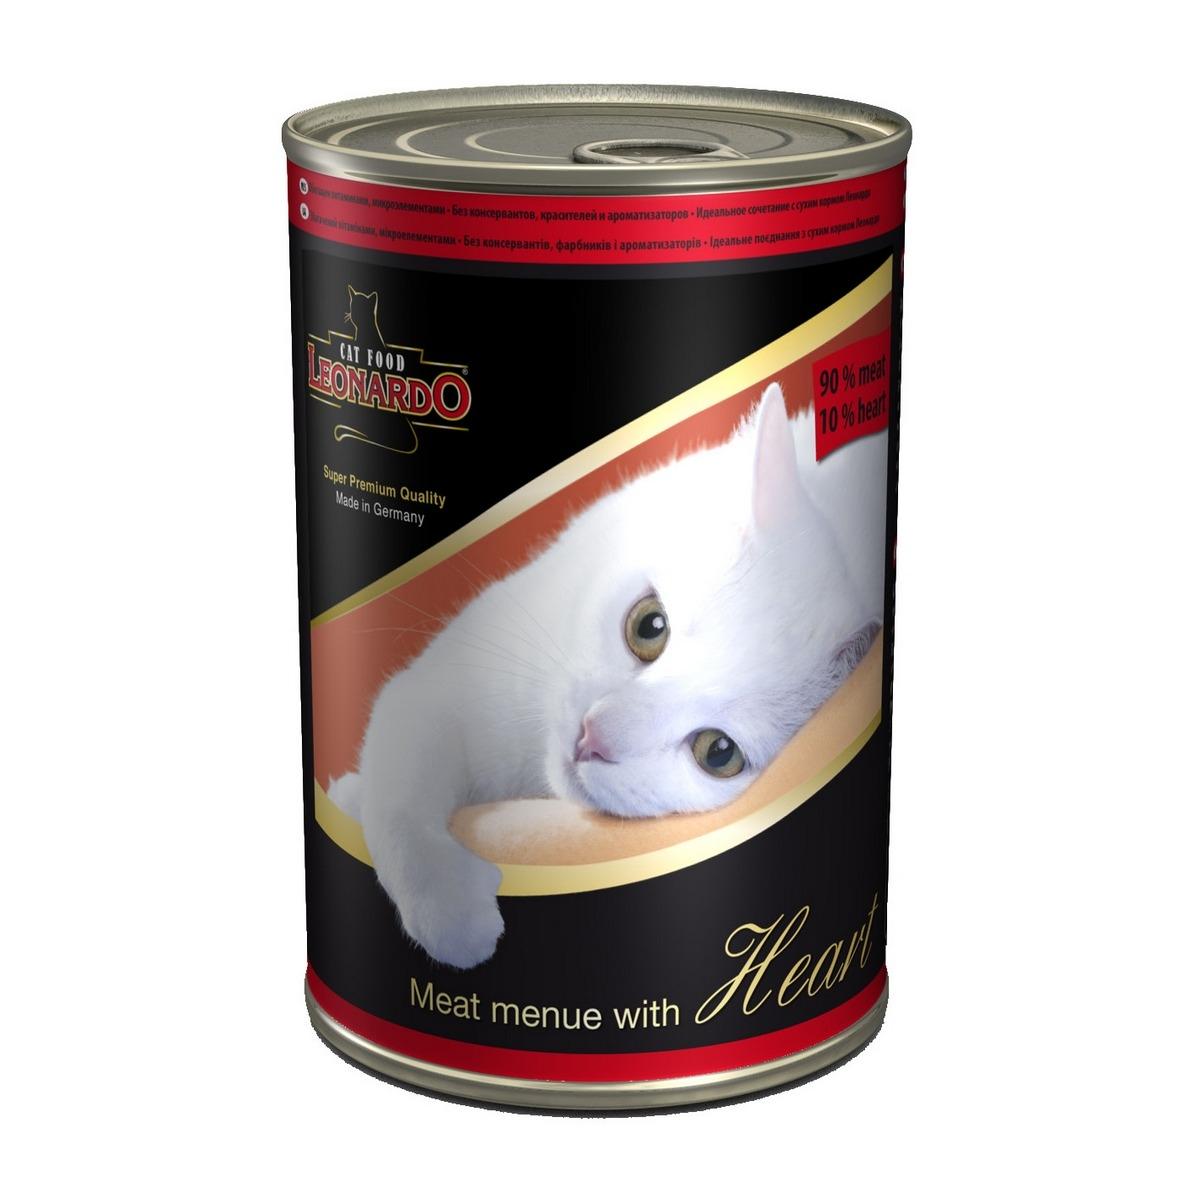 Консервы для кошек Leonardo, мясо с сердцем, 400 г52739Консервы Leonardo - 100% мясные консервы для кошек, выполненные в виде нежного фарша. Консервы состоят исключительно из отборных натуральных компонентов и не содержат сою, искусственные красители и усилители вкуса. Состав: 90% мясо птицы, 10% сердце, минералы. Анализ состава: протеин 12%, жир 5%, клетчатка 0,4%, зола 2%, влажность 79%, кальций 0,32%, фосфор 0,18%. Содержание на 1 кг: цинк 15 мг, марганец 1,5 мг, витамин А 5000 МЕ, витамин Е 40 мг, витамин D3 250 МЕ, витамин В2 0,8 мг, витамин В12 4,0 мг. Вес: 400 г. Товар сертифицирован.